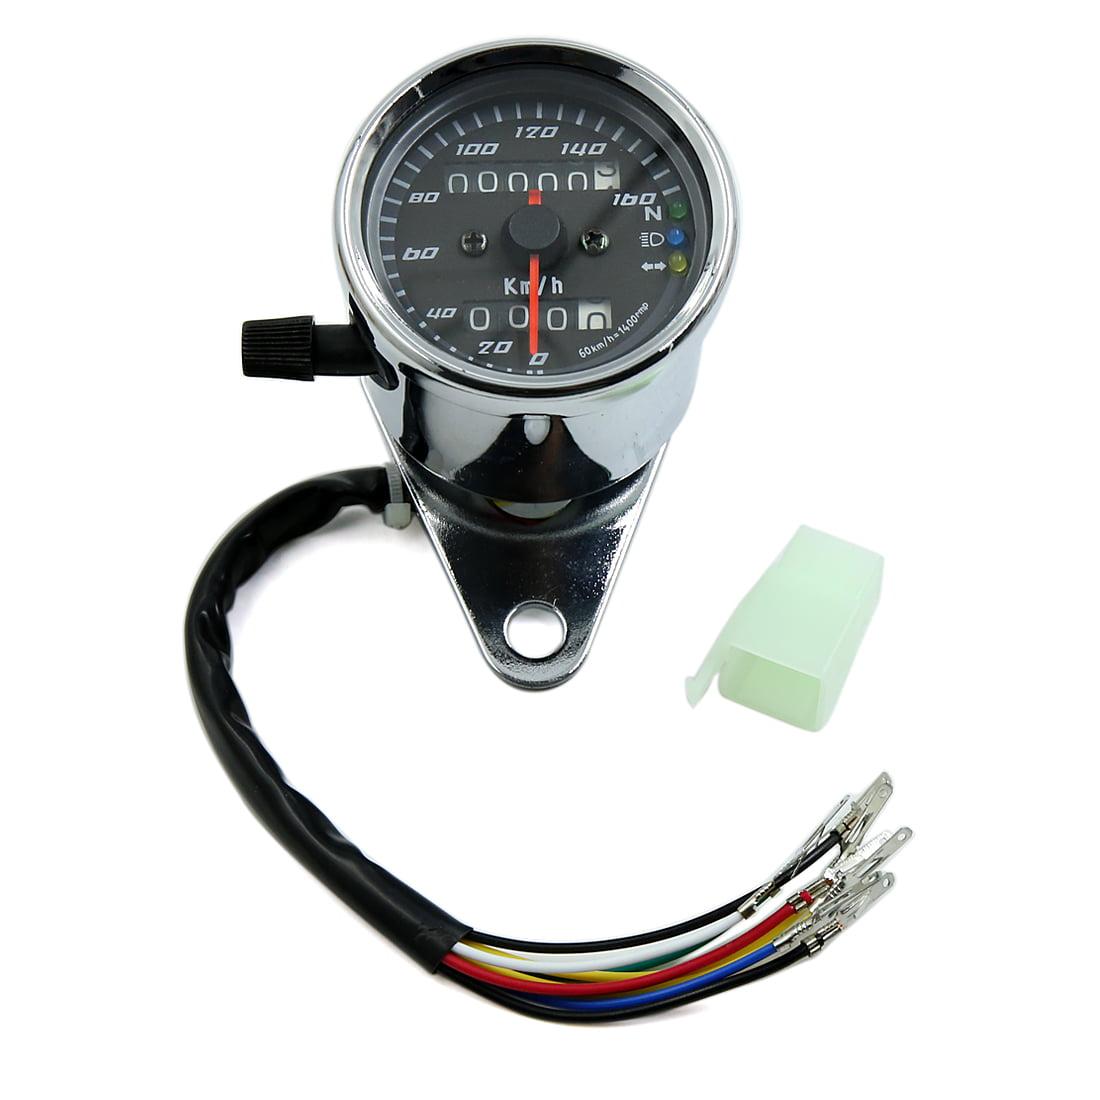 Silver Tone Motorcycle  Backlight LCD Digital Dual Odometer Speedometer Gauge